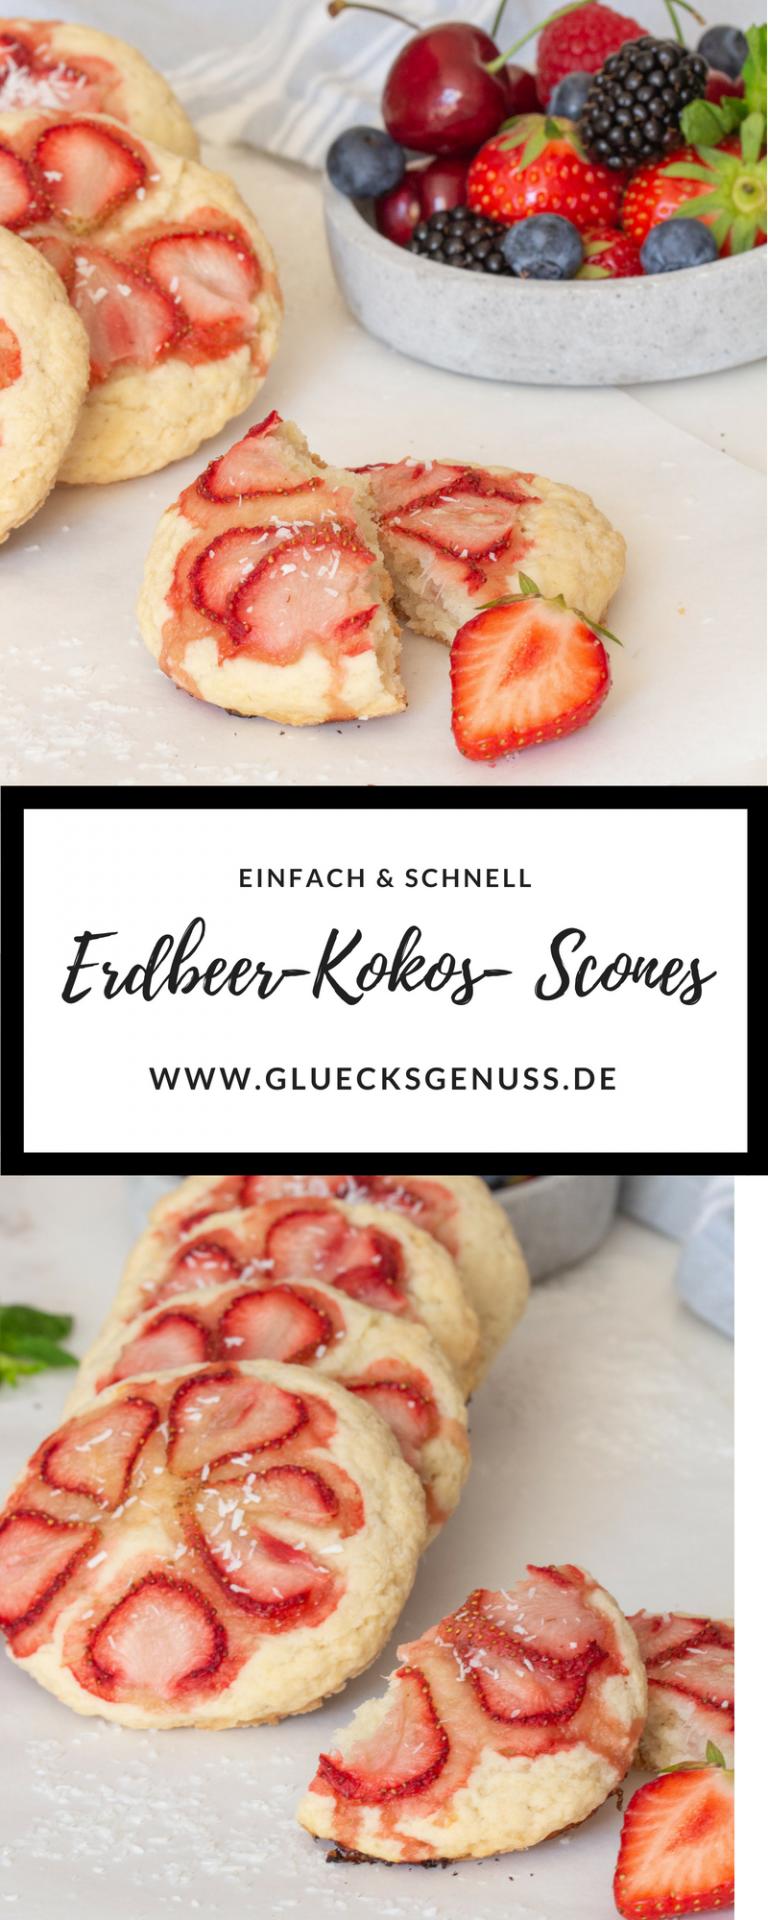 Erdbeer-Kokos-Scones